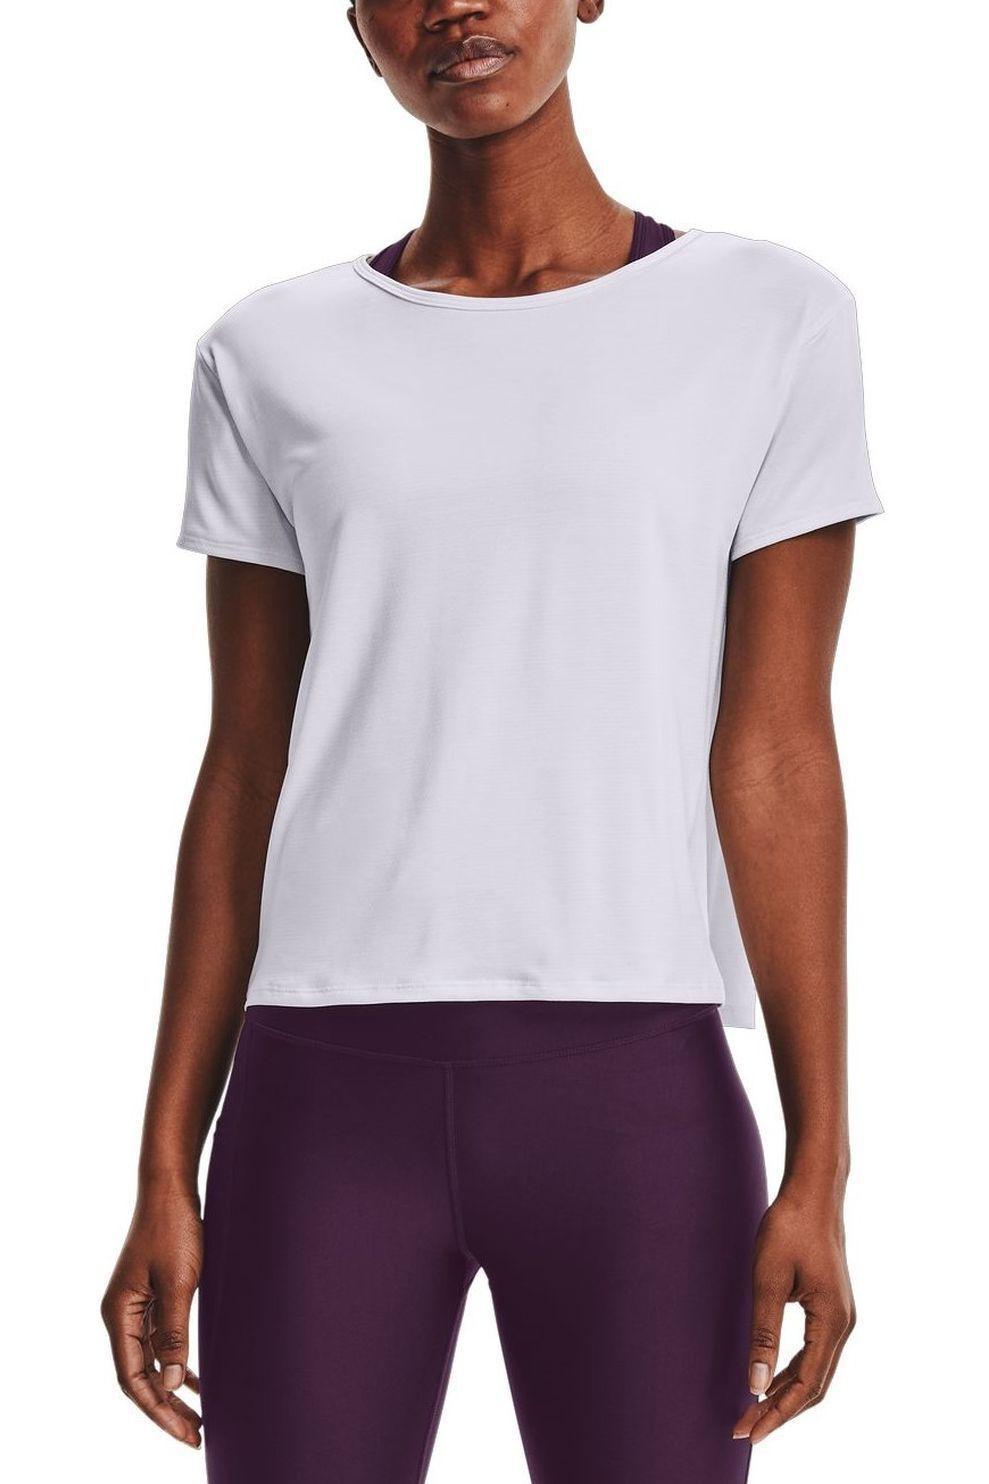 Under Armour T-Shirt Tech Vent SS Tee voor dames - Wit - Maten: XS, S, M, L